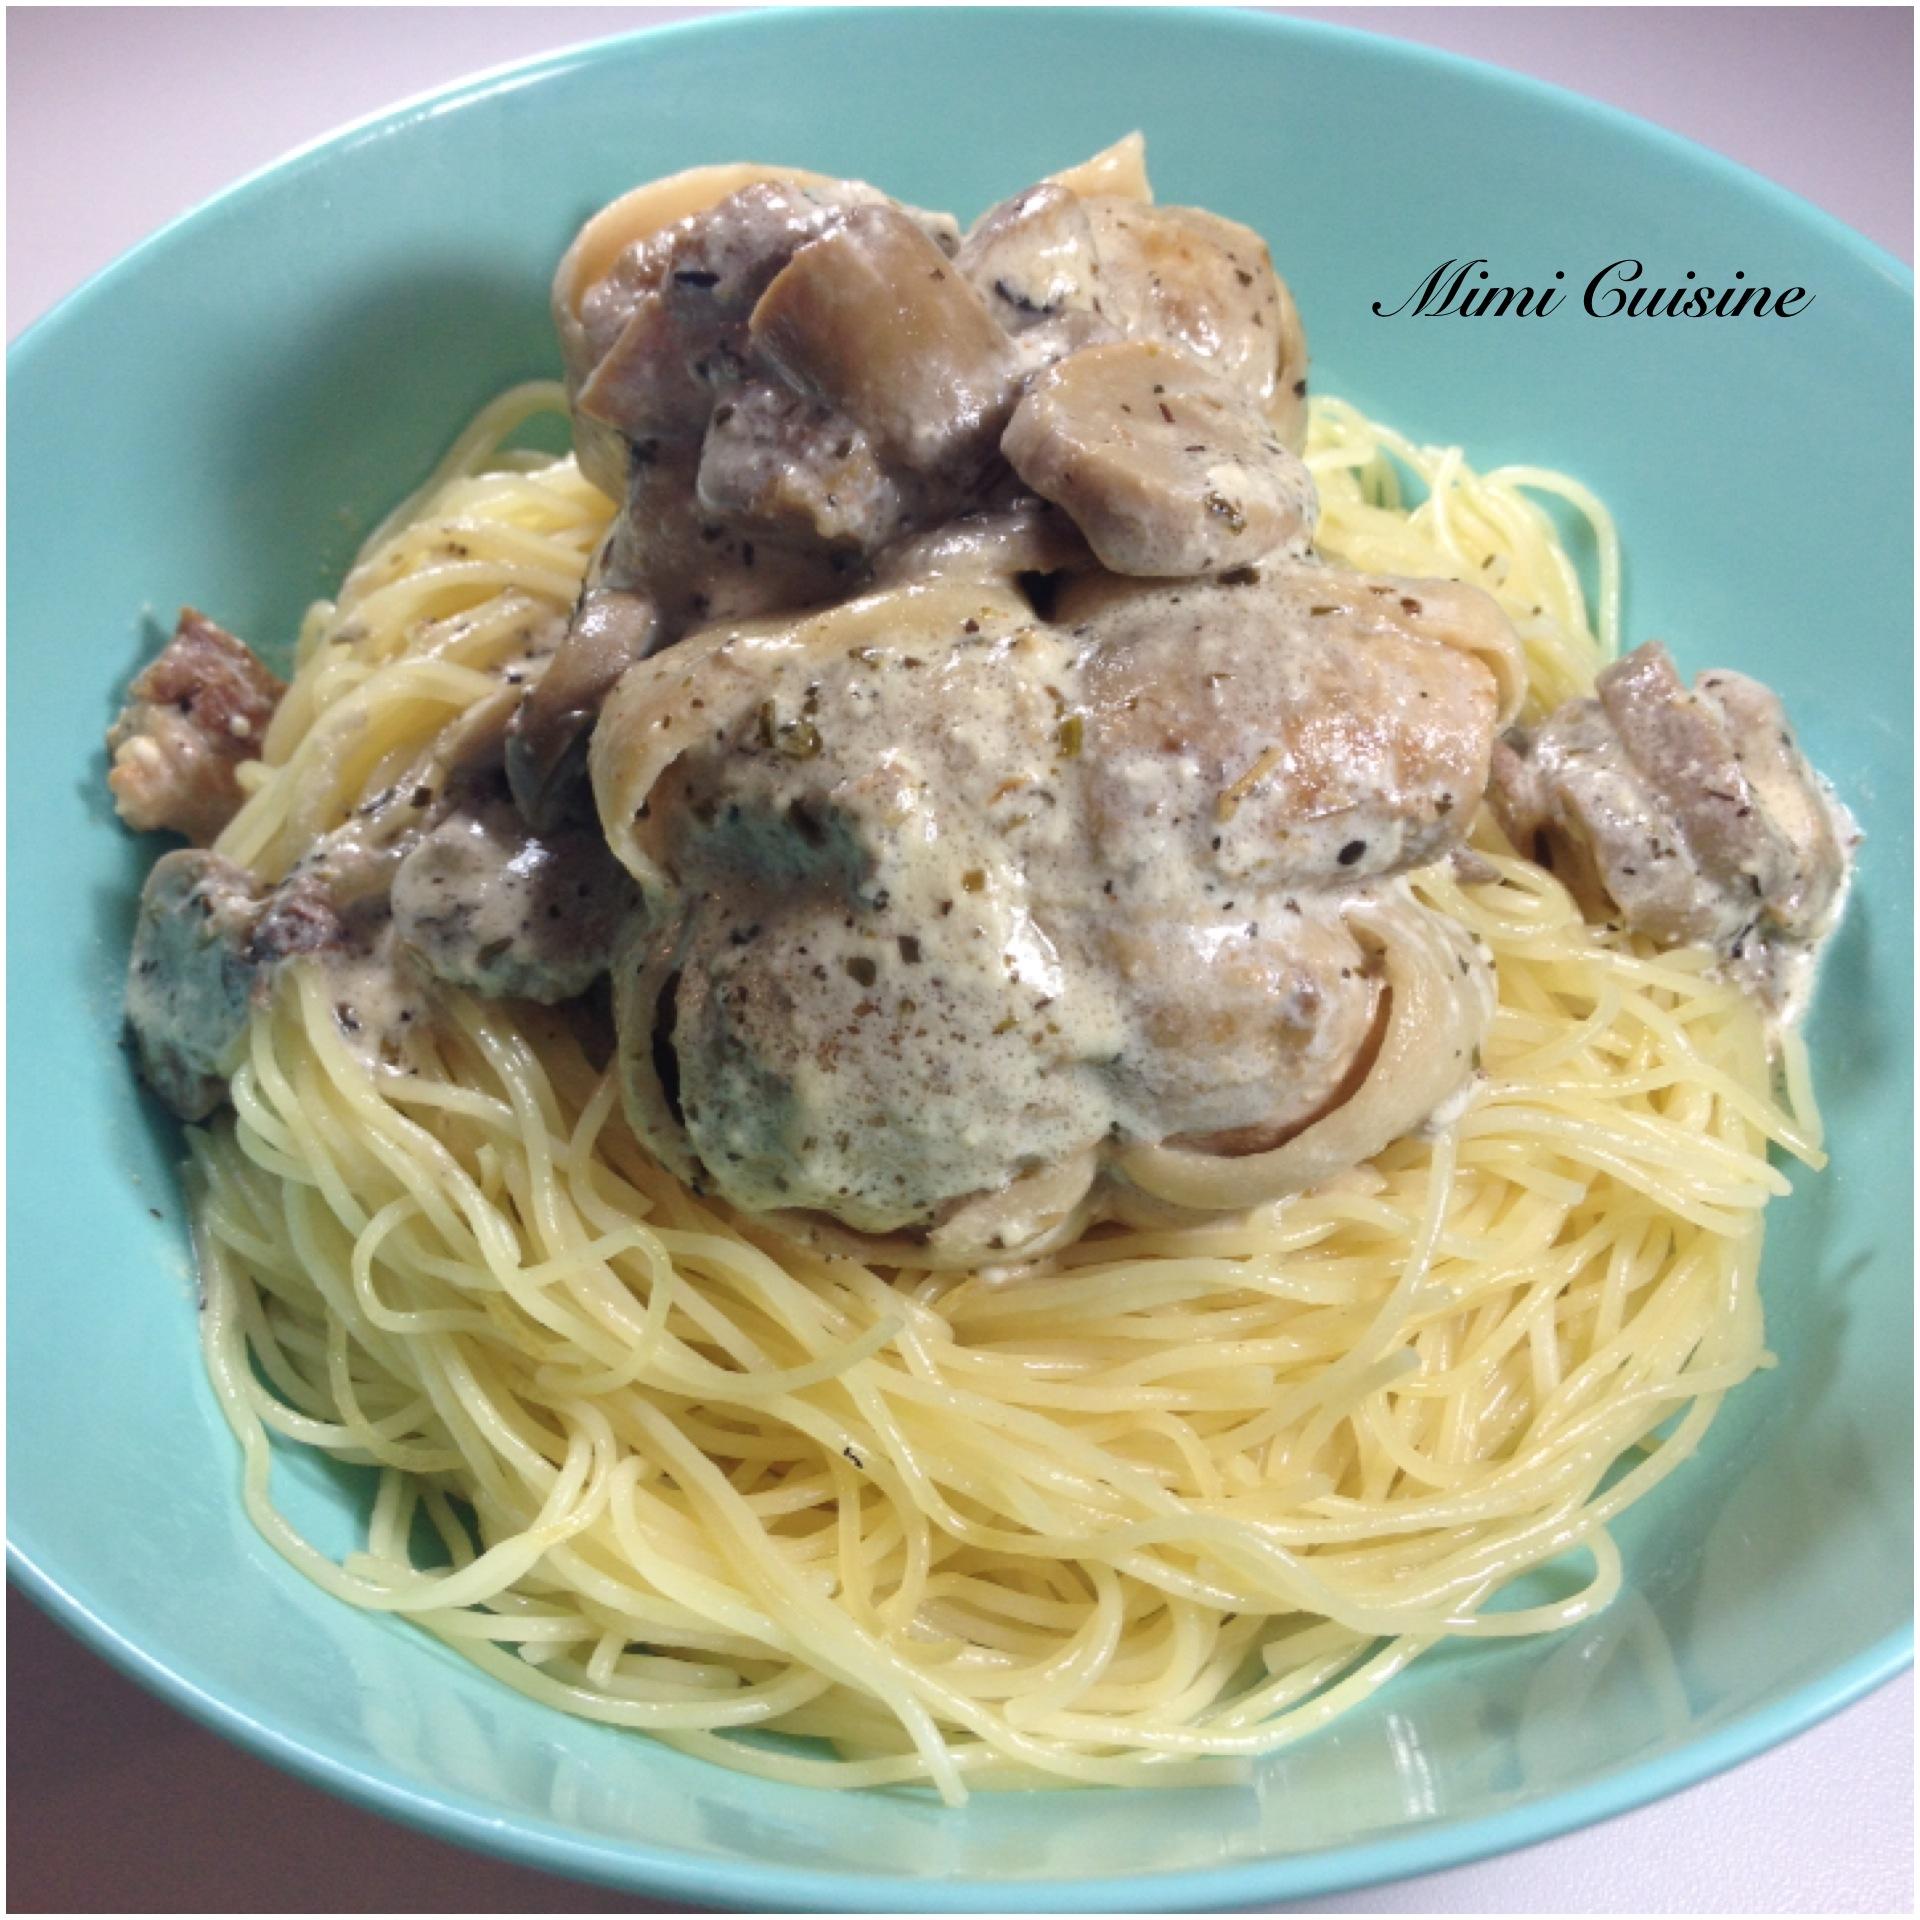 Paupiettes sauce mascarpone champignons recette cookeo - Cuisiner des paupiettes ...